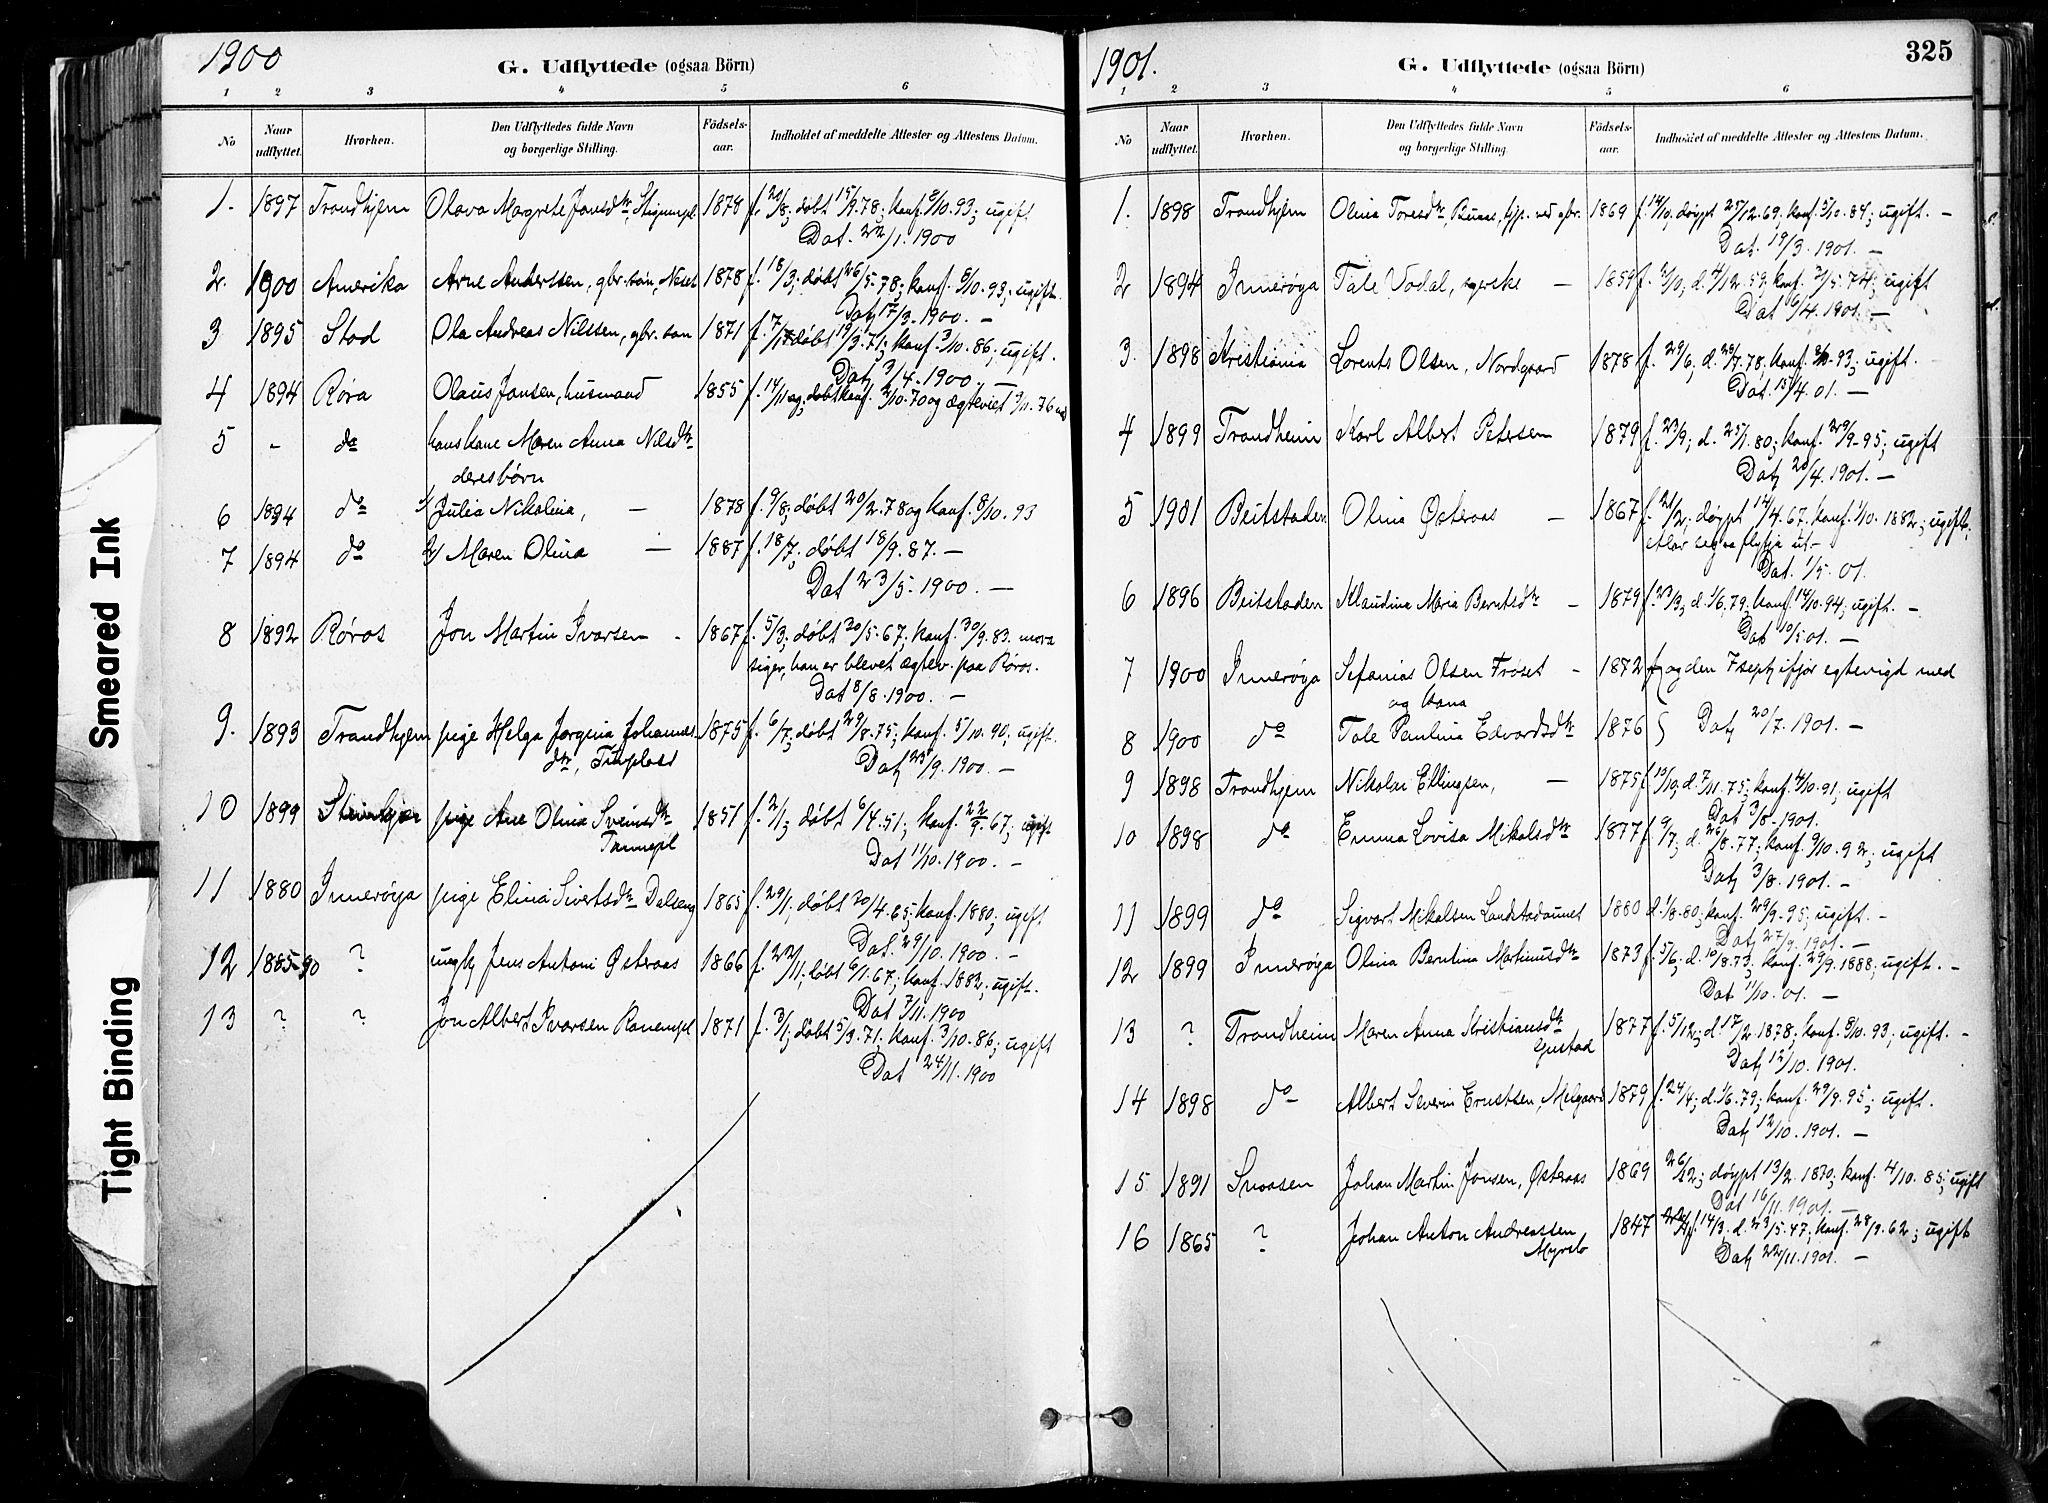 SAT, Ministerialprotokoller, klokkerbøker og fødselsregistre - Nord-Trøndelag, 735/L0351: Ministerialbok nr. 735A10, 1884-1908, s. 325